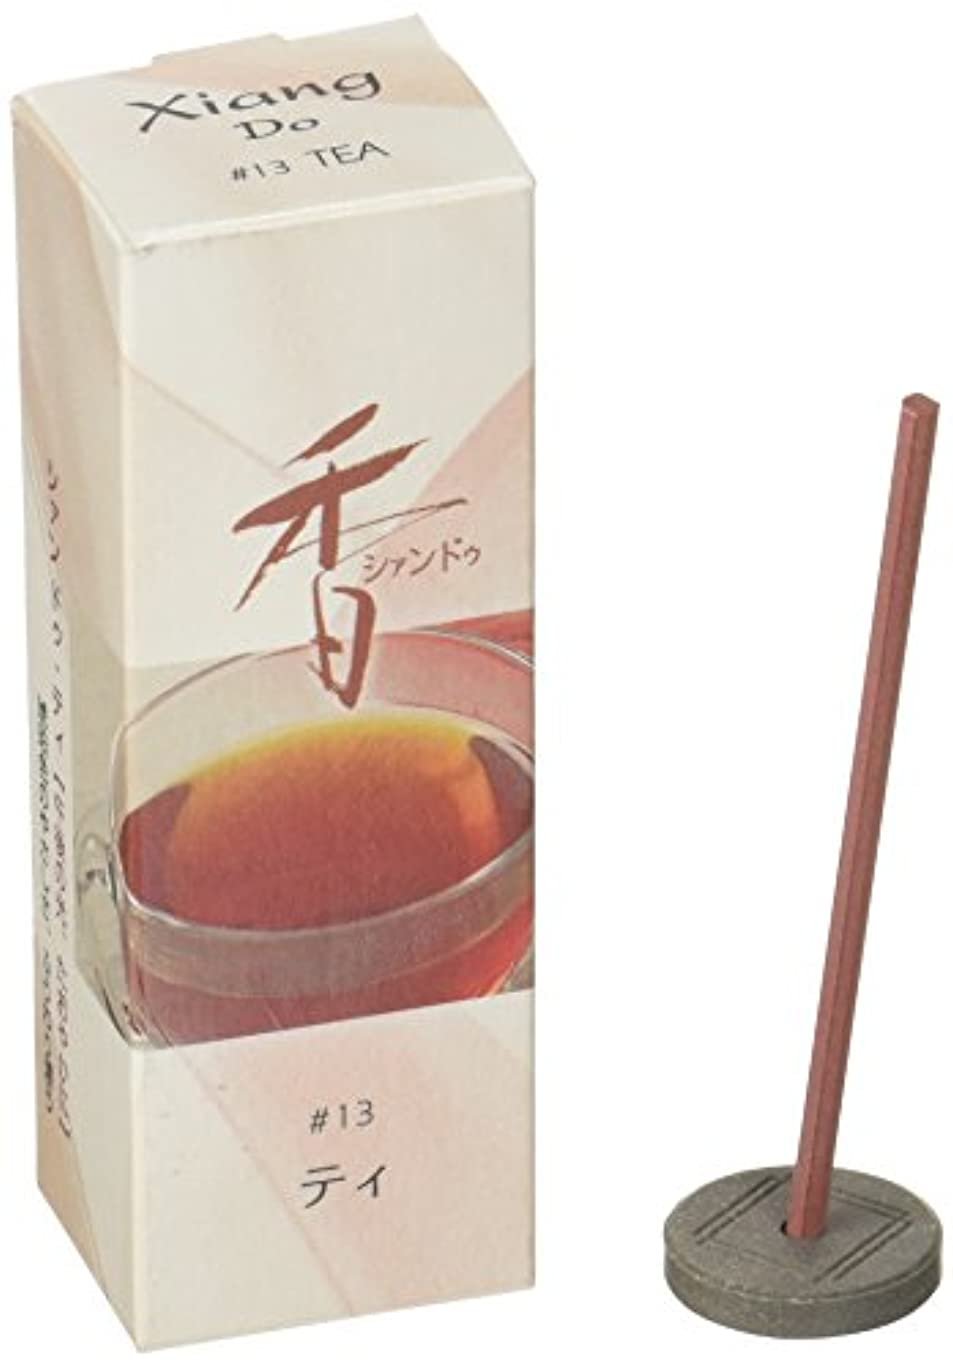 エリート酔って懇願する松栄堂のお香 Xiang Do ティ ST20本入 簡易香立付 #214213